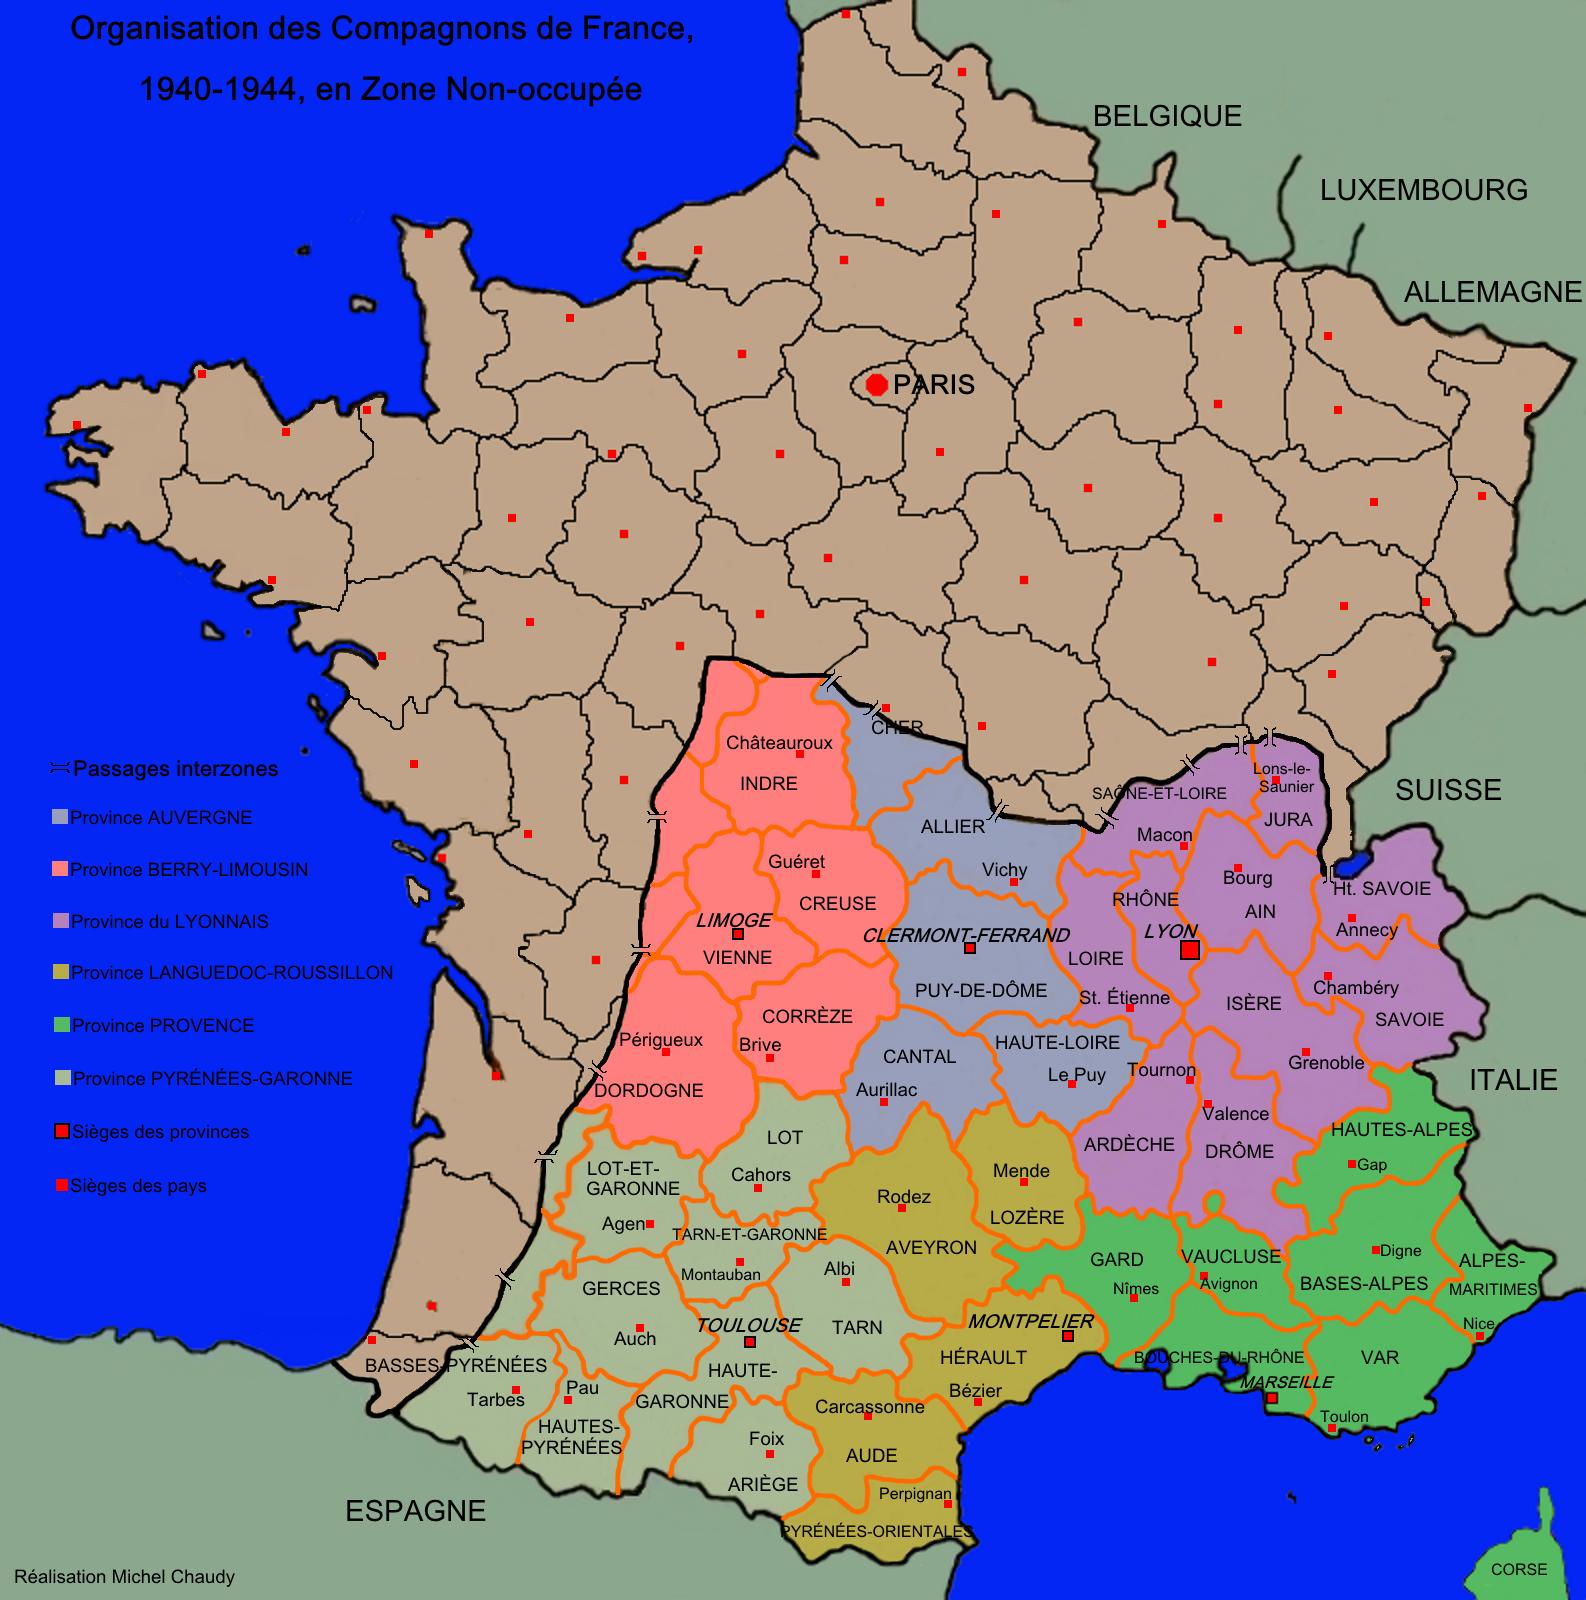 carte des Compagnons de France